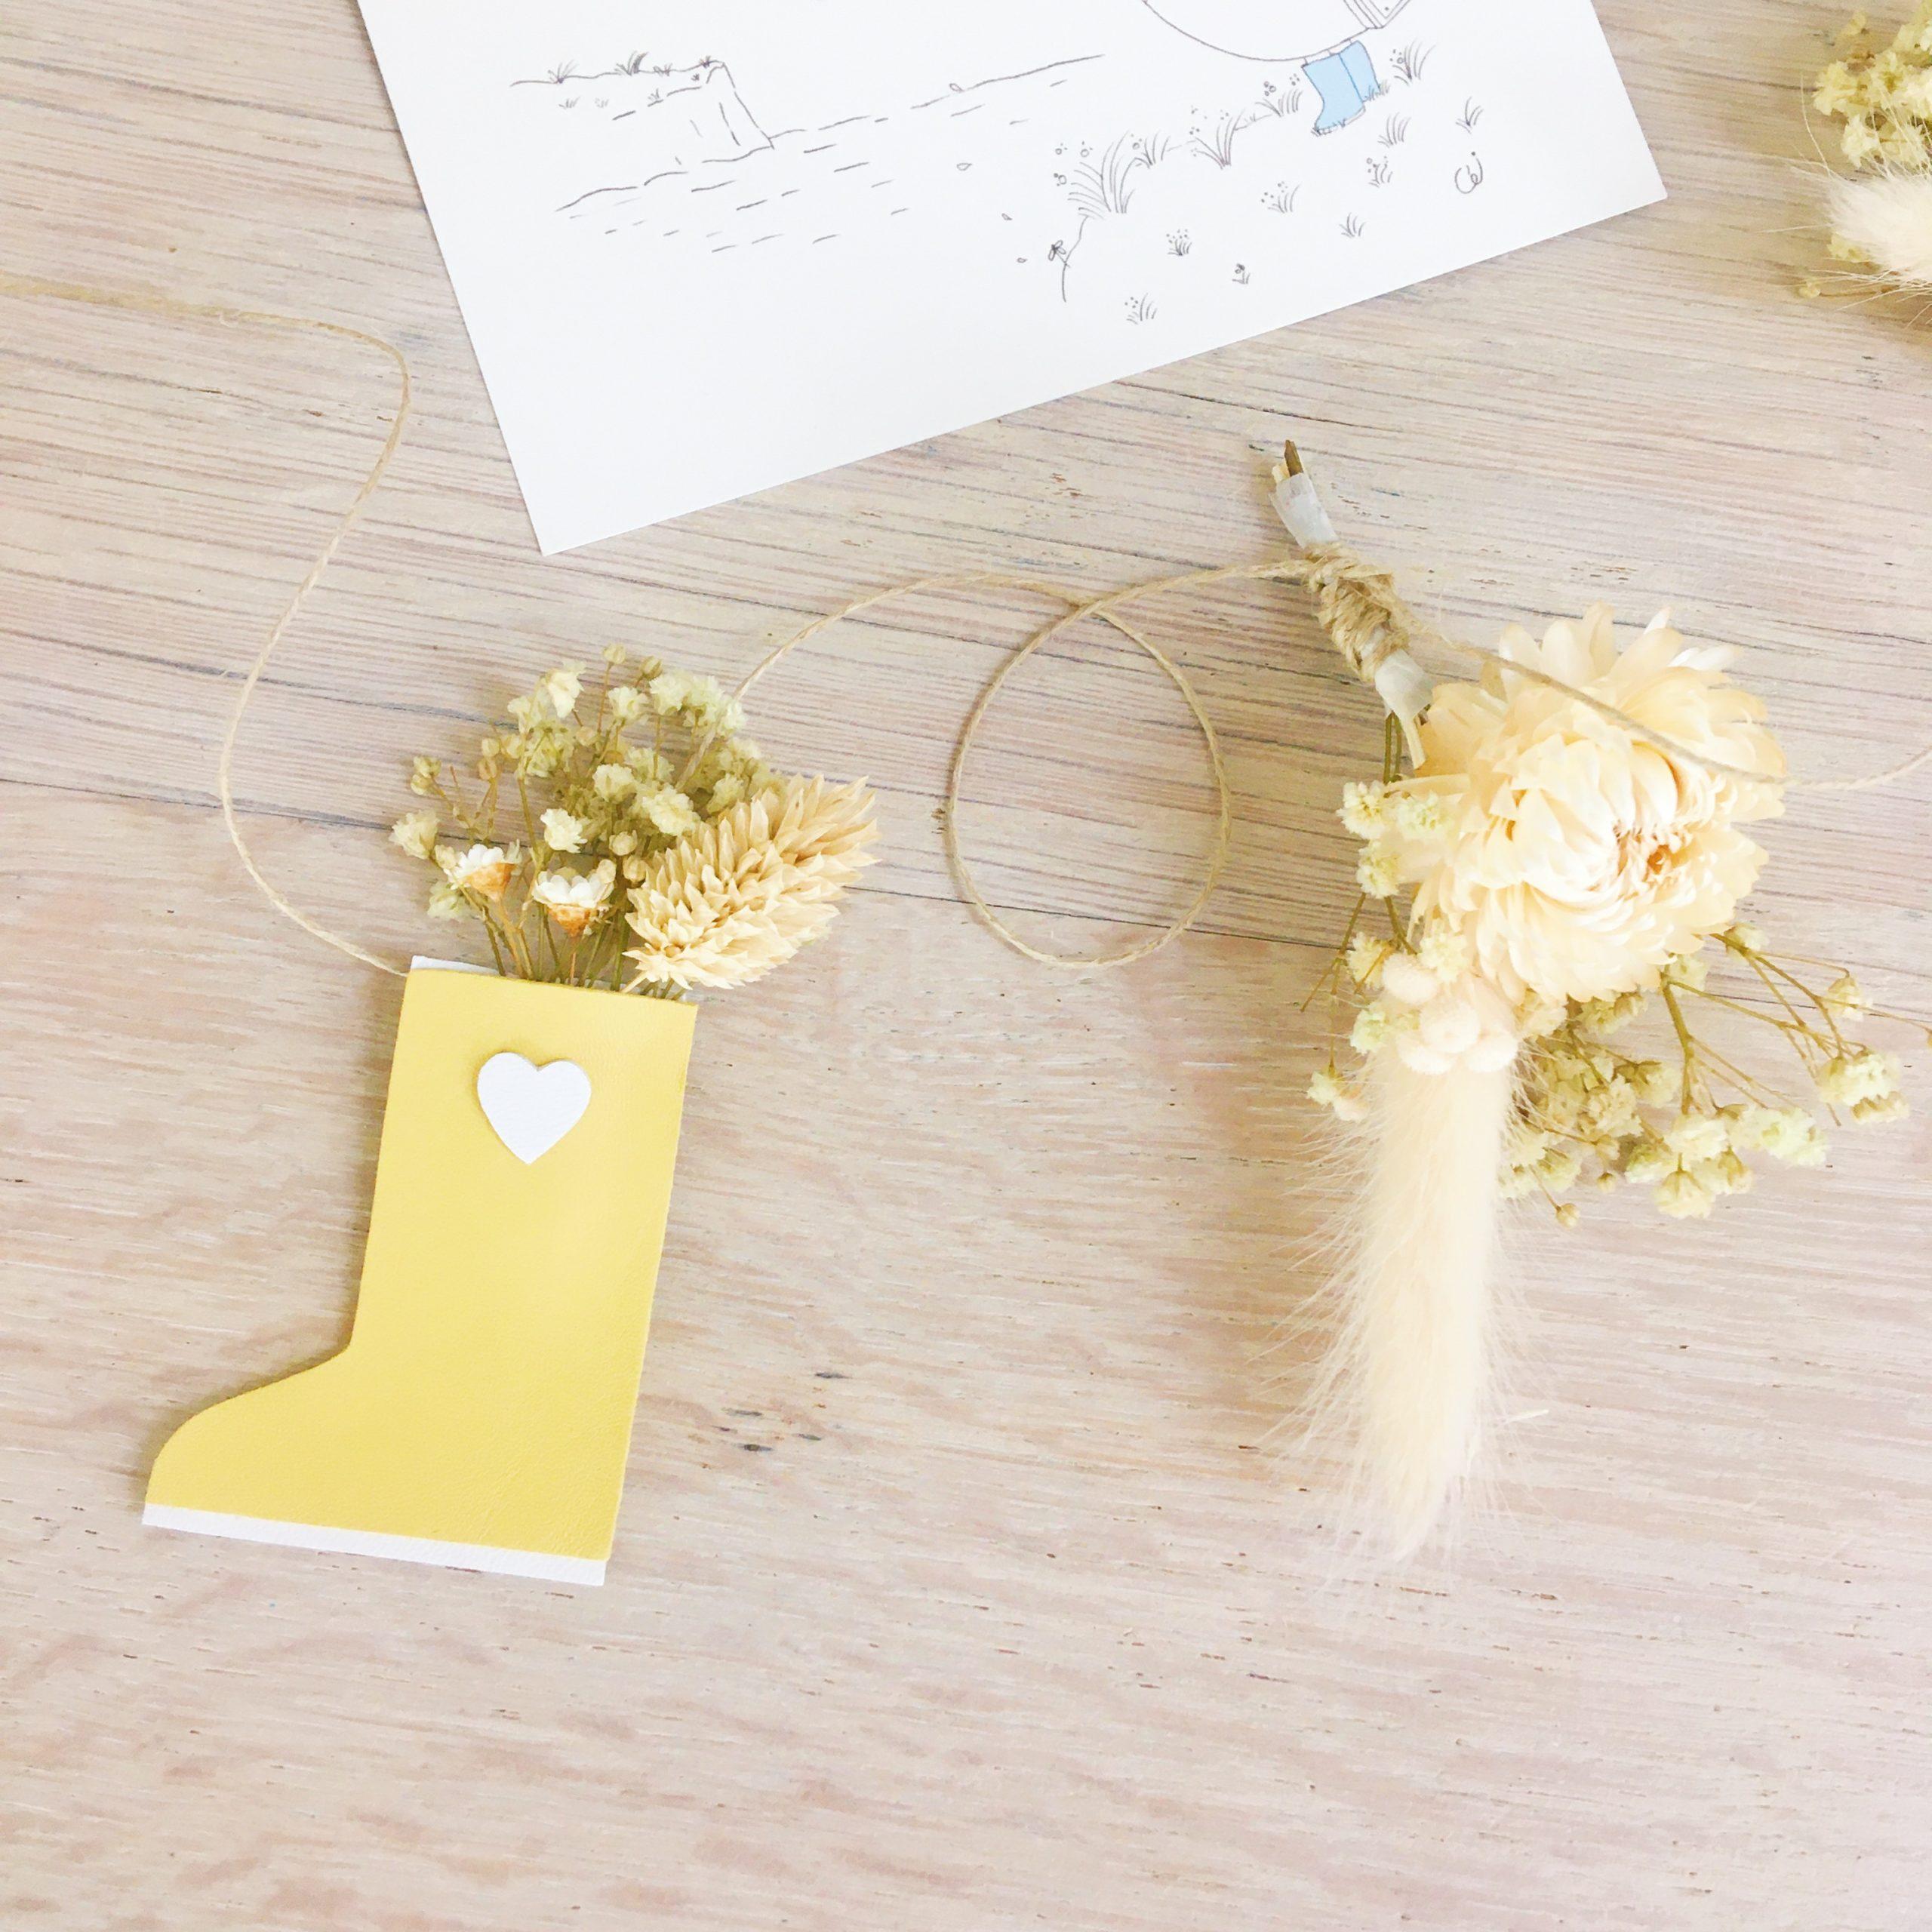 guirlande de fleurs séchées et sujets en cuir poétiques, fabriquée en France sur commande - du vent dans mes valises4